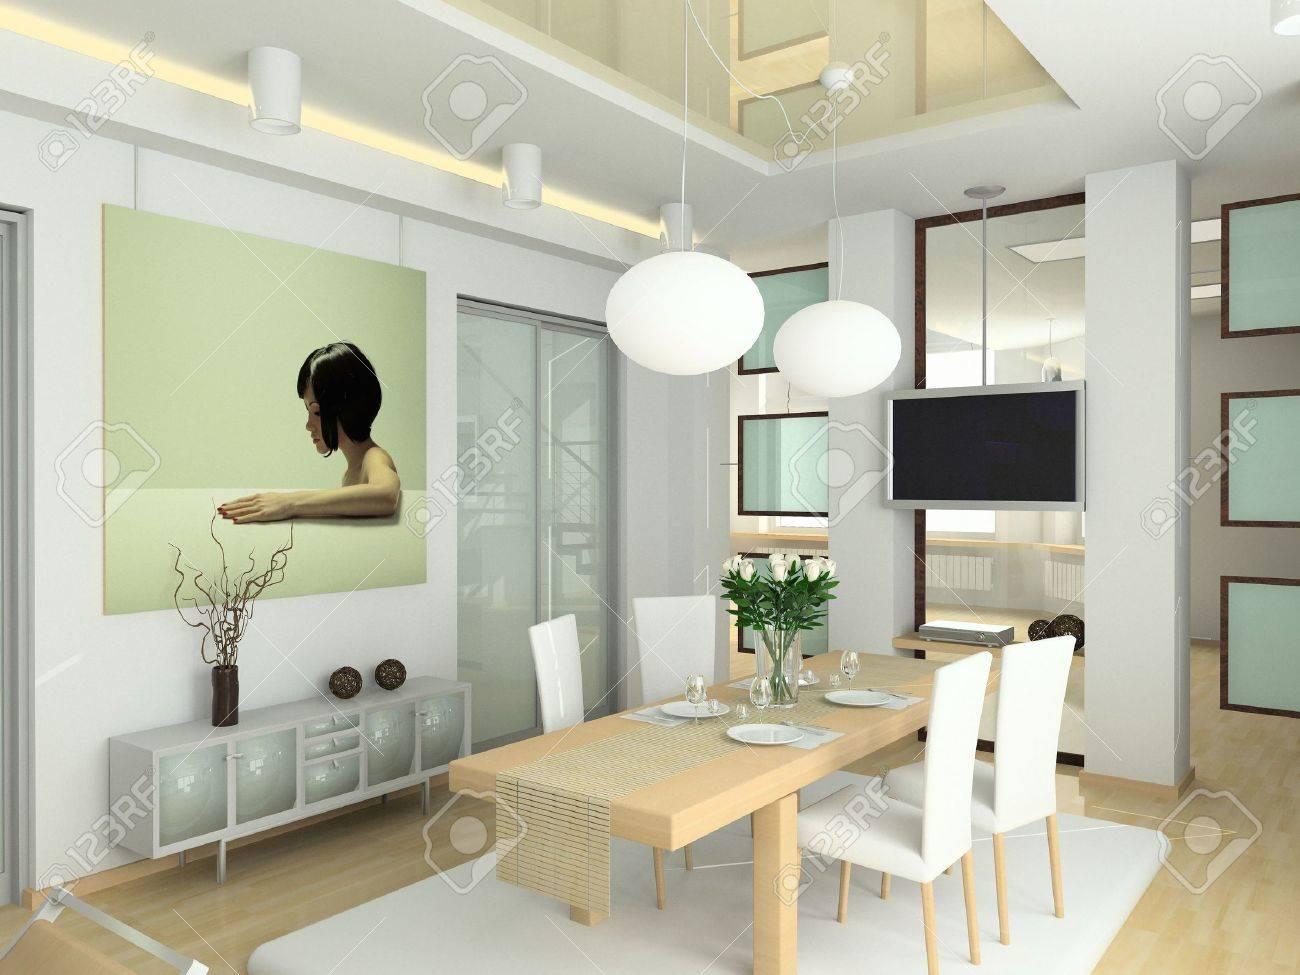 Moderne Interieur Im Großen Haus. Design Der Wohnzimmer. 3D Render ...